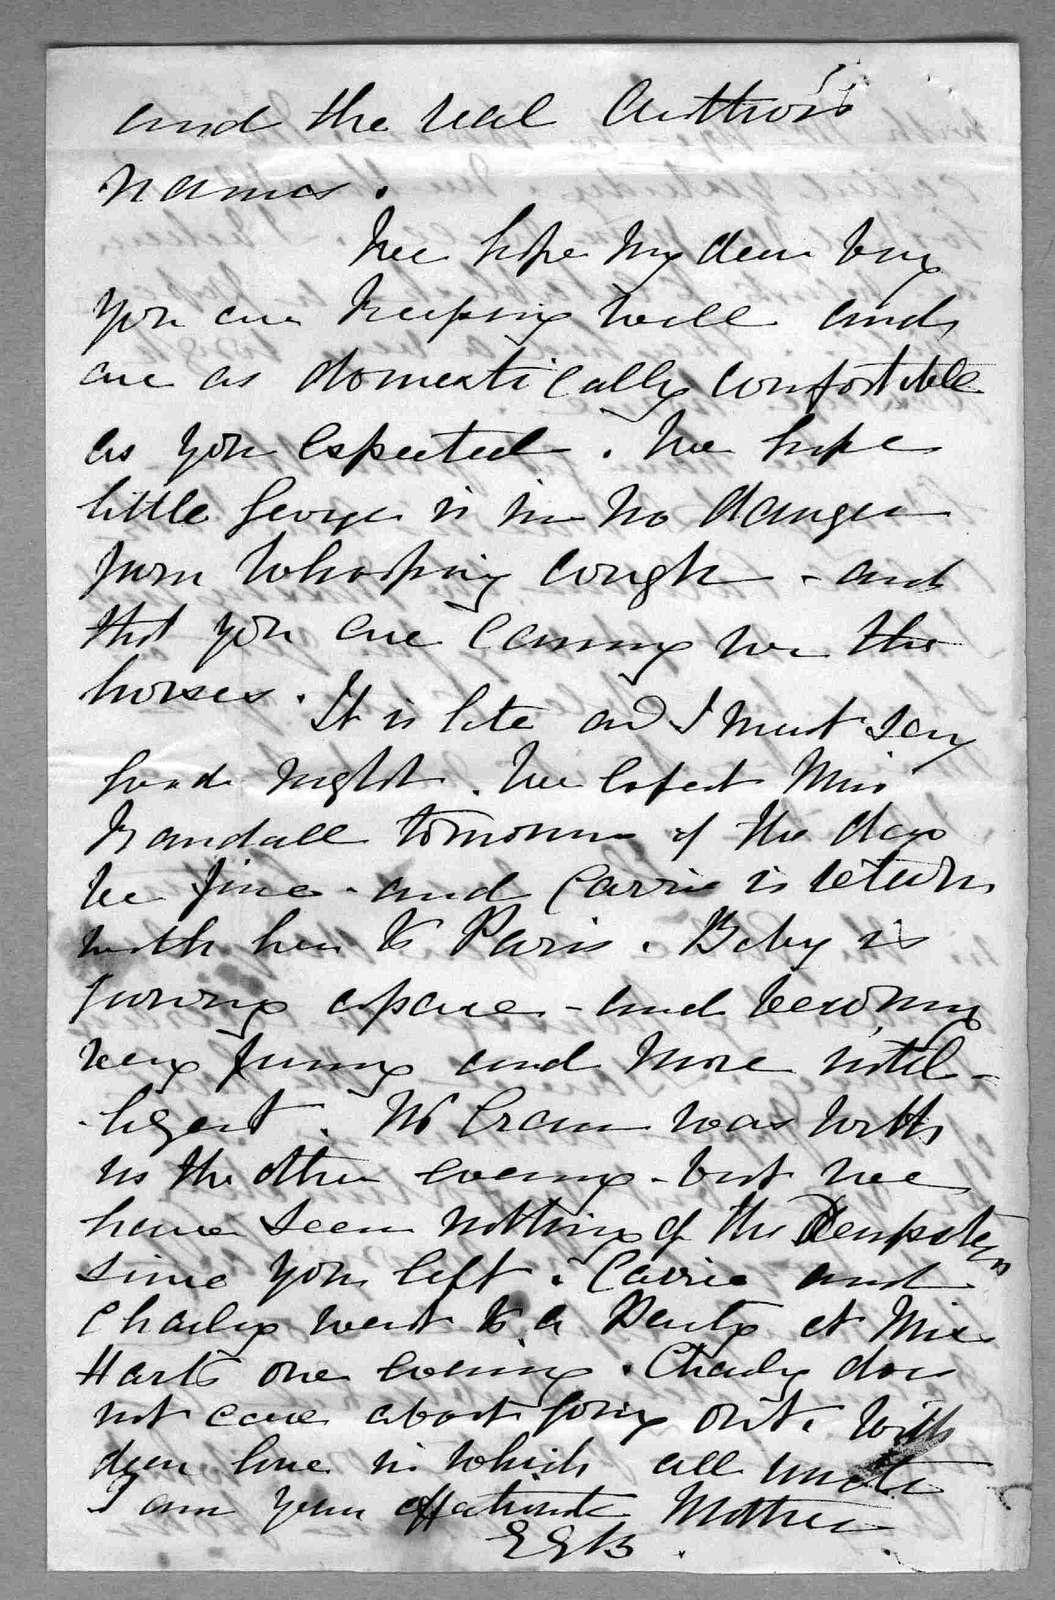 Letter from Eliza Symonds Bell to Alexander Graham Bell, November 2, 1873